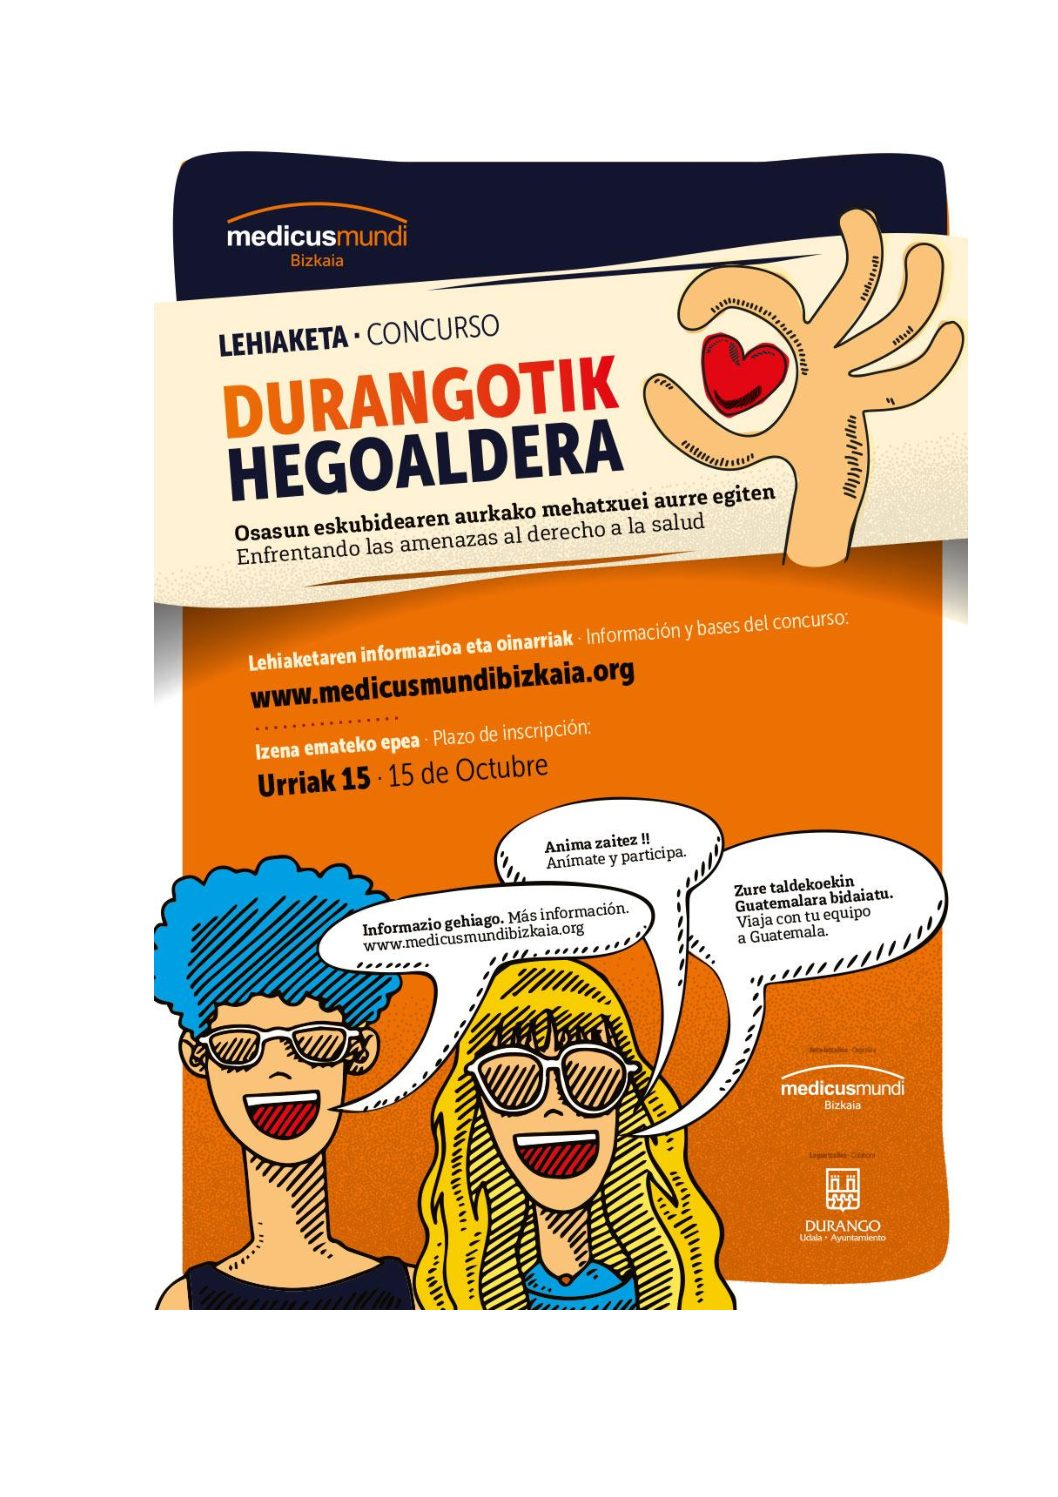 DURANGOTIK HEGOALDERA –  Concurso